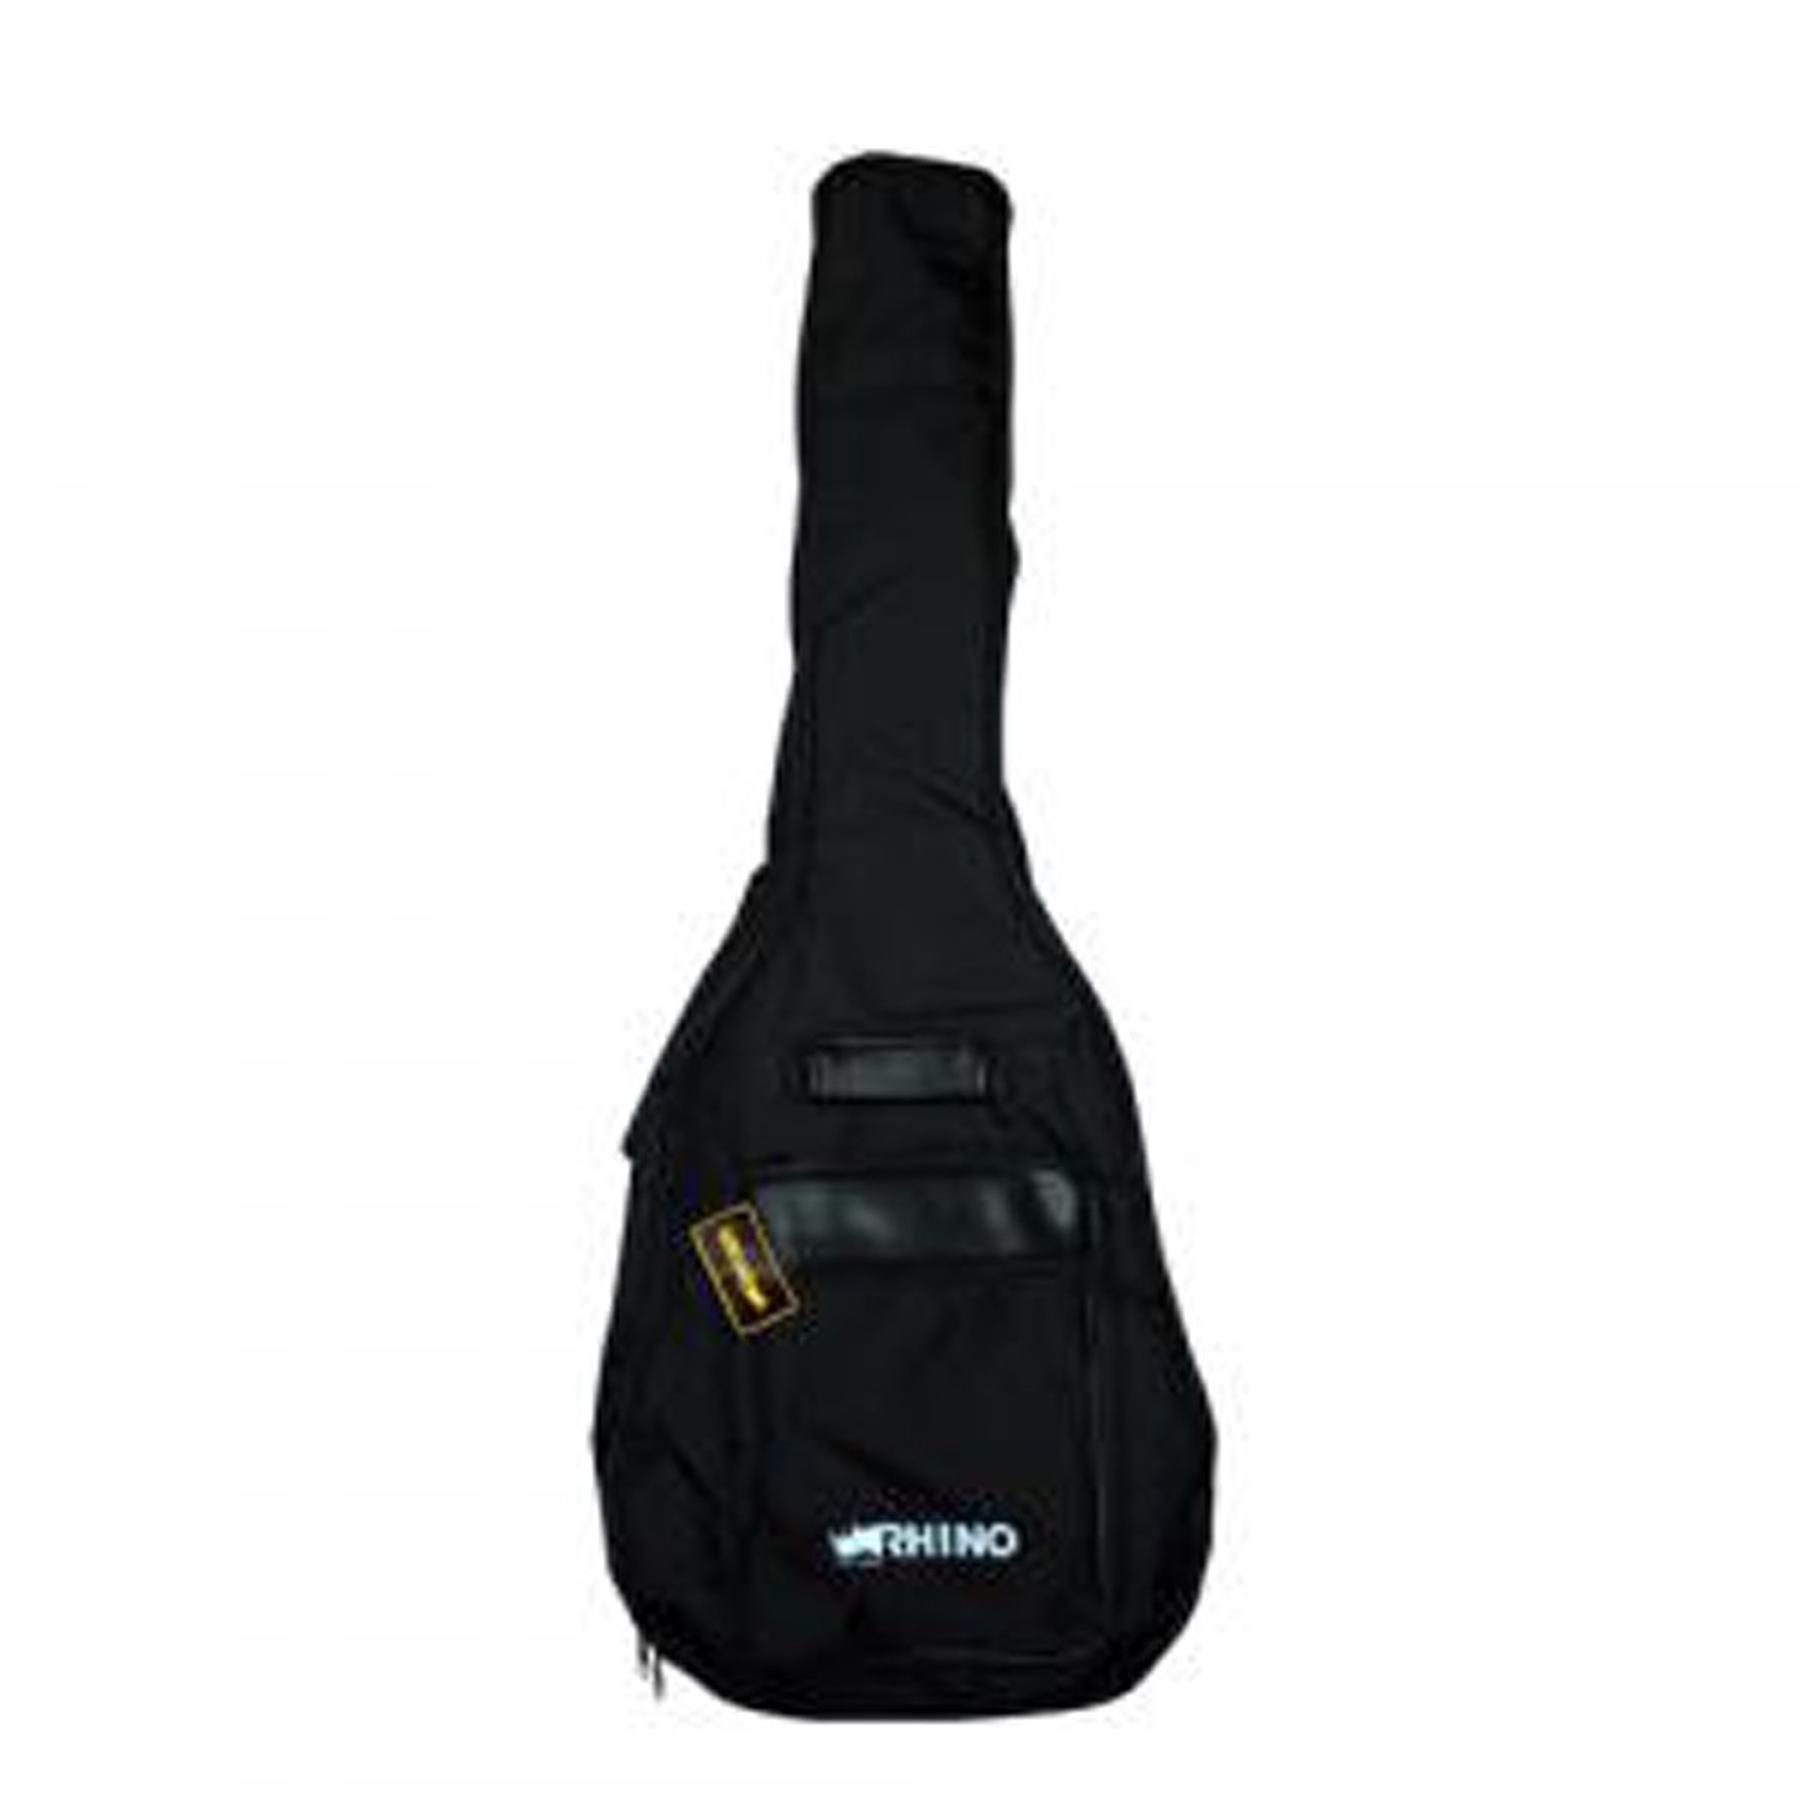 Funda para Guitarra Acústica, Acolchada, 10MM Rhino